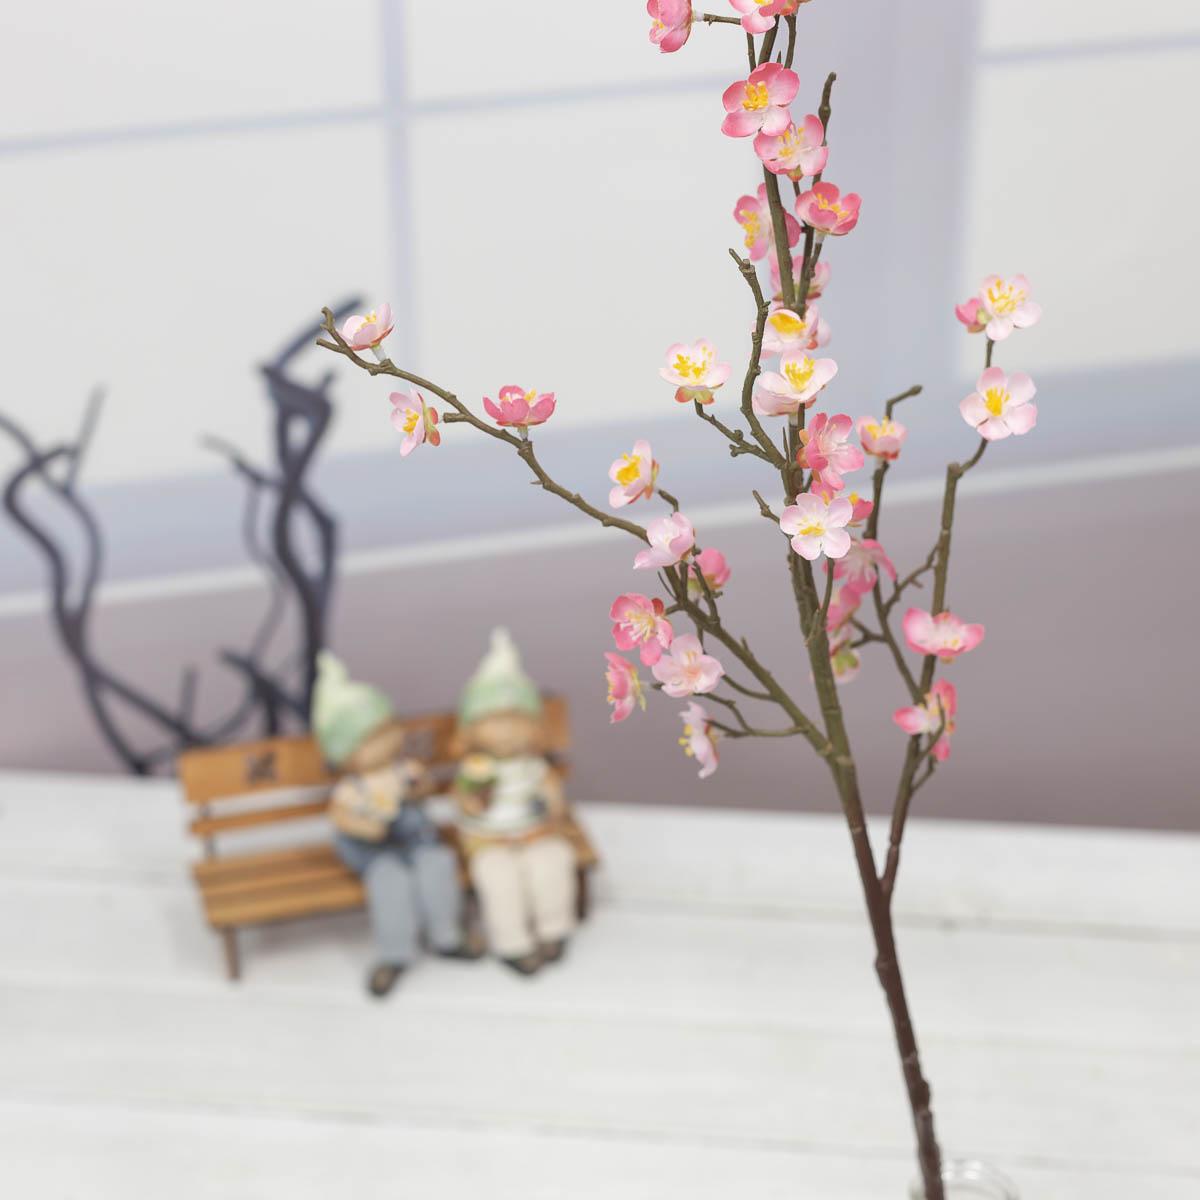 살구꽃 나무 가지 Pink(핑크) 기본이미지